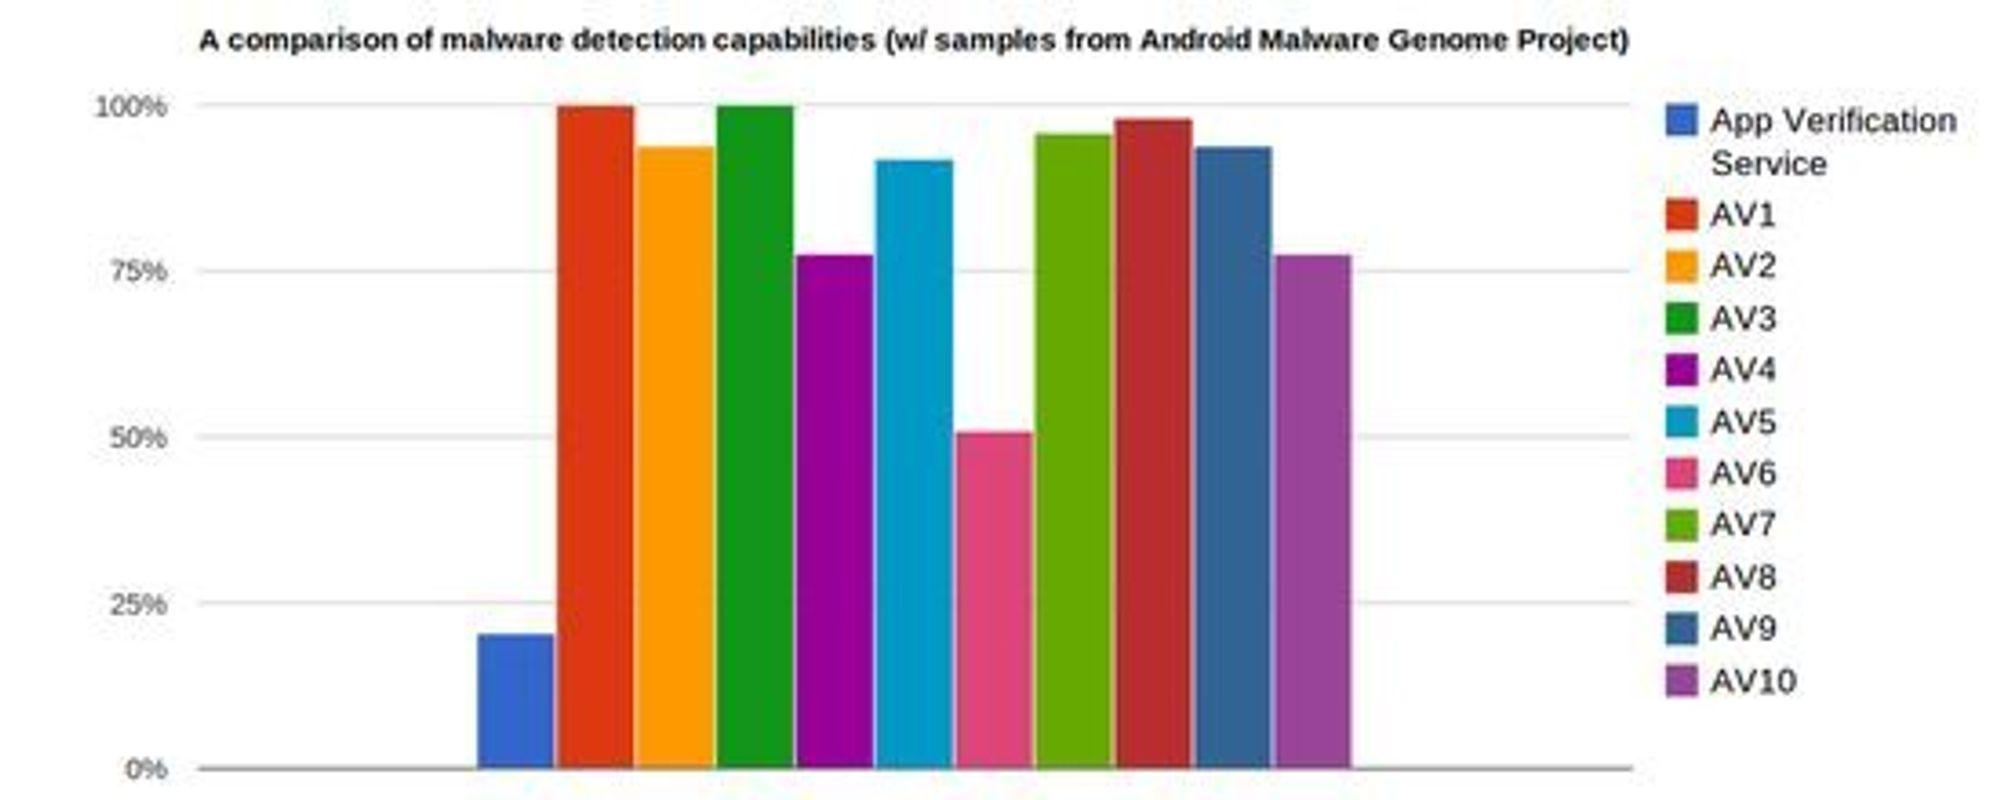 Andelen av 49 ulike eksempler på skadevare som ble gjenkjent av forskjellige antiskadevare-produkter. Stolpen til venstre viser resultatet til funksjonen i Google Play for Android 4.2.